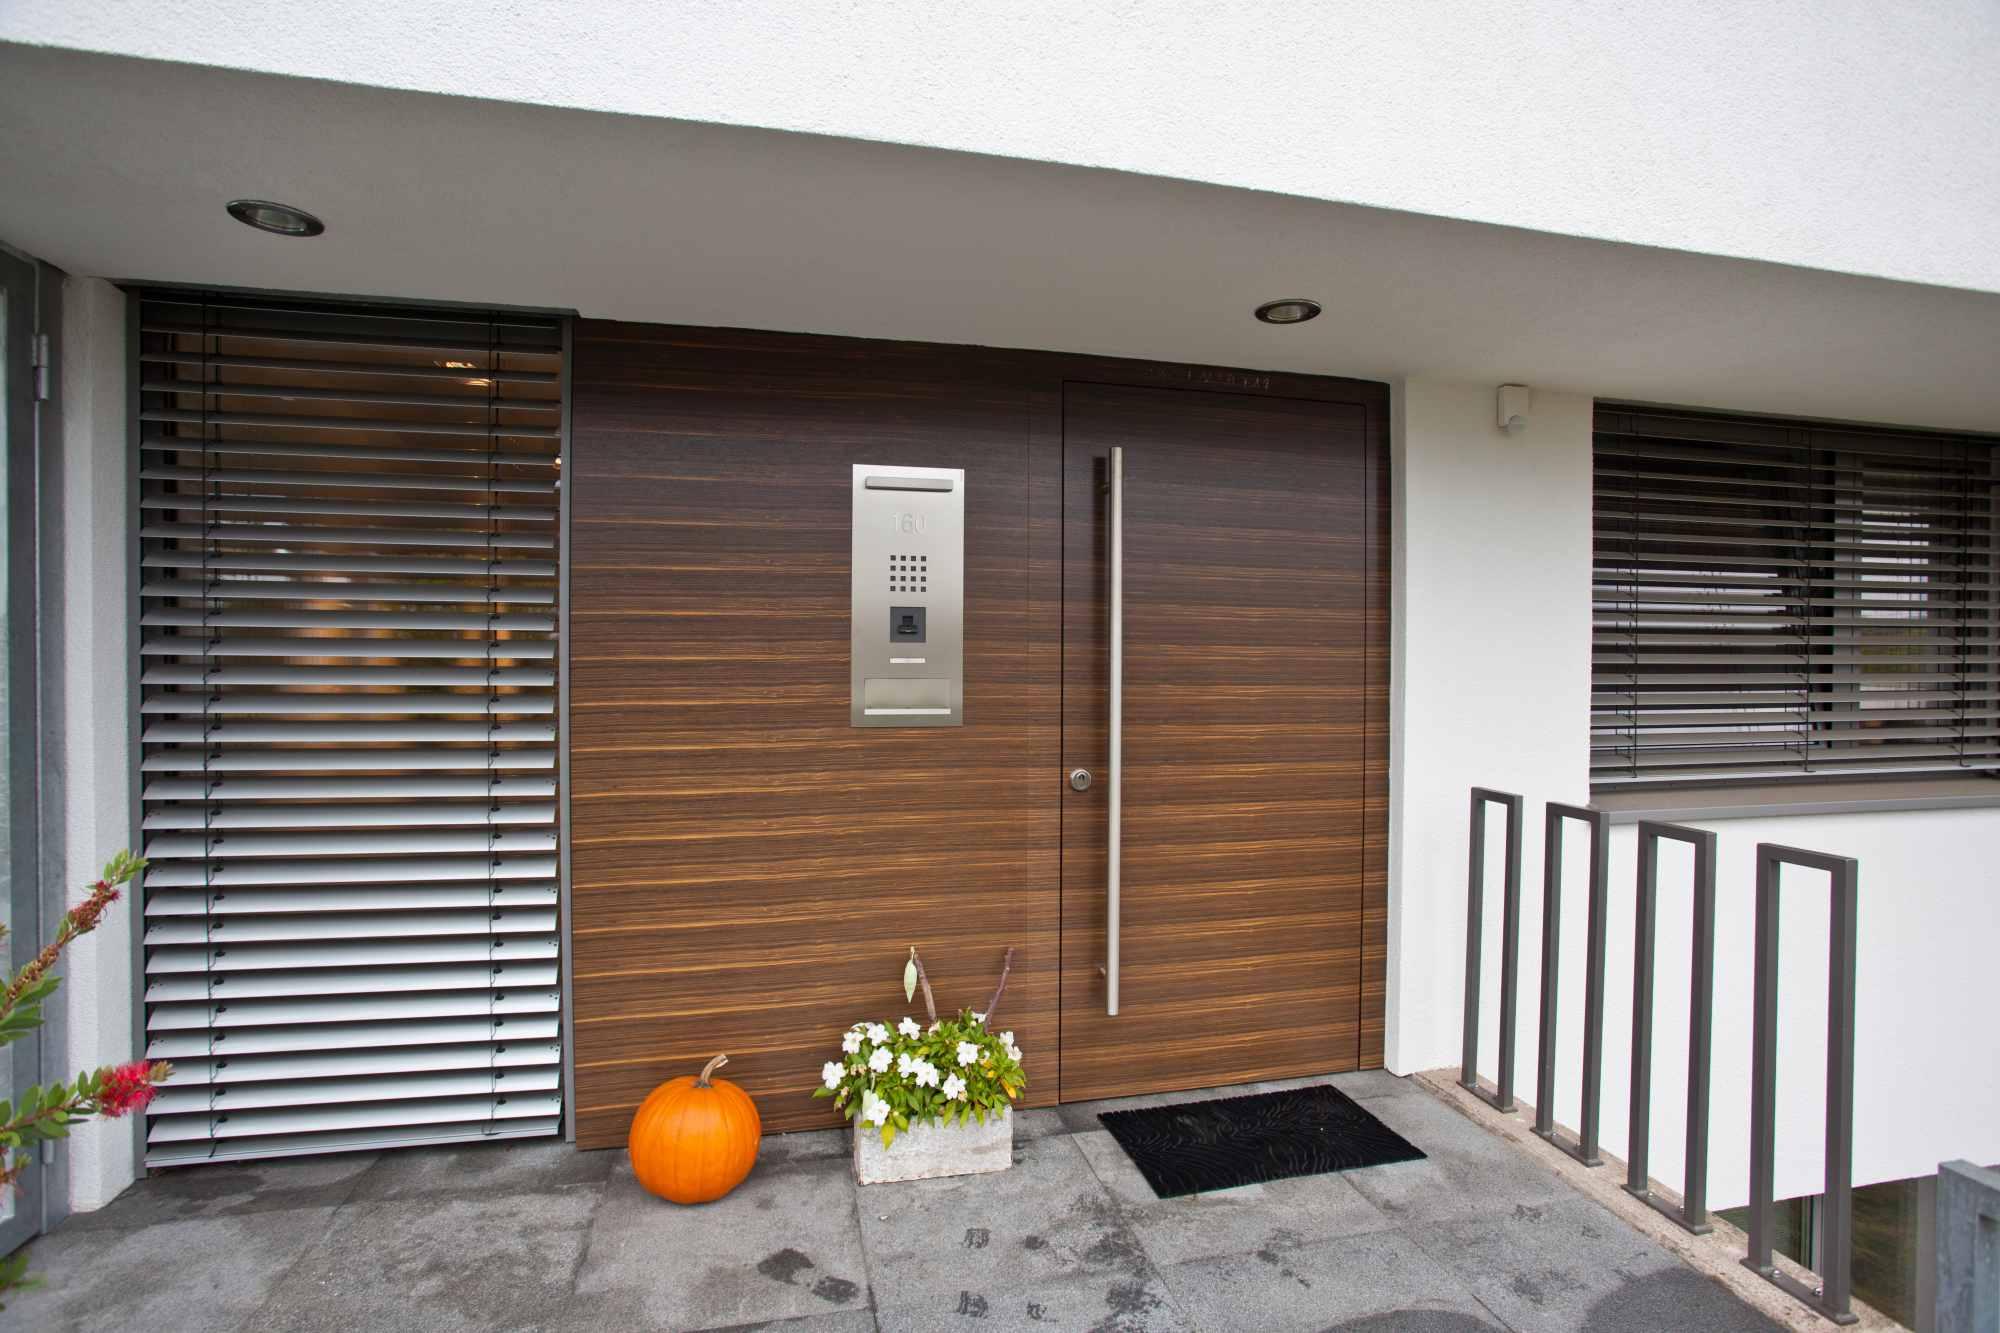 Hauseingangselement mit Seitenteil in Makassar querfurniert